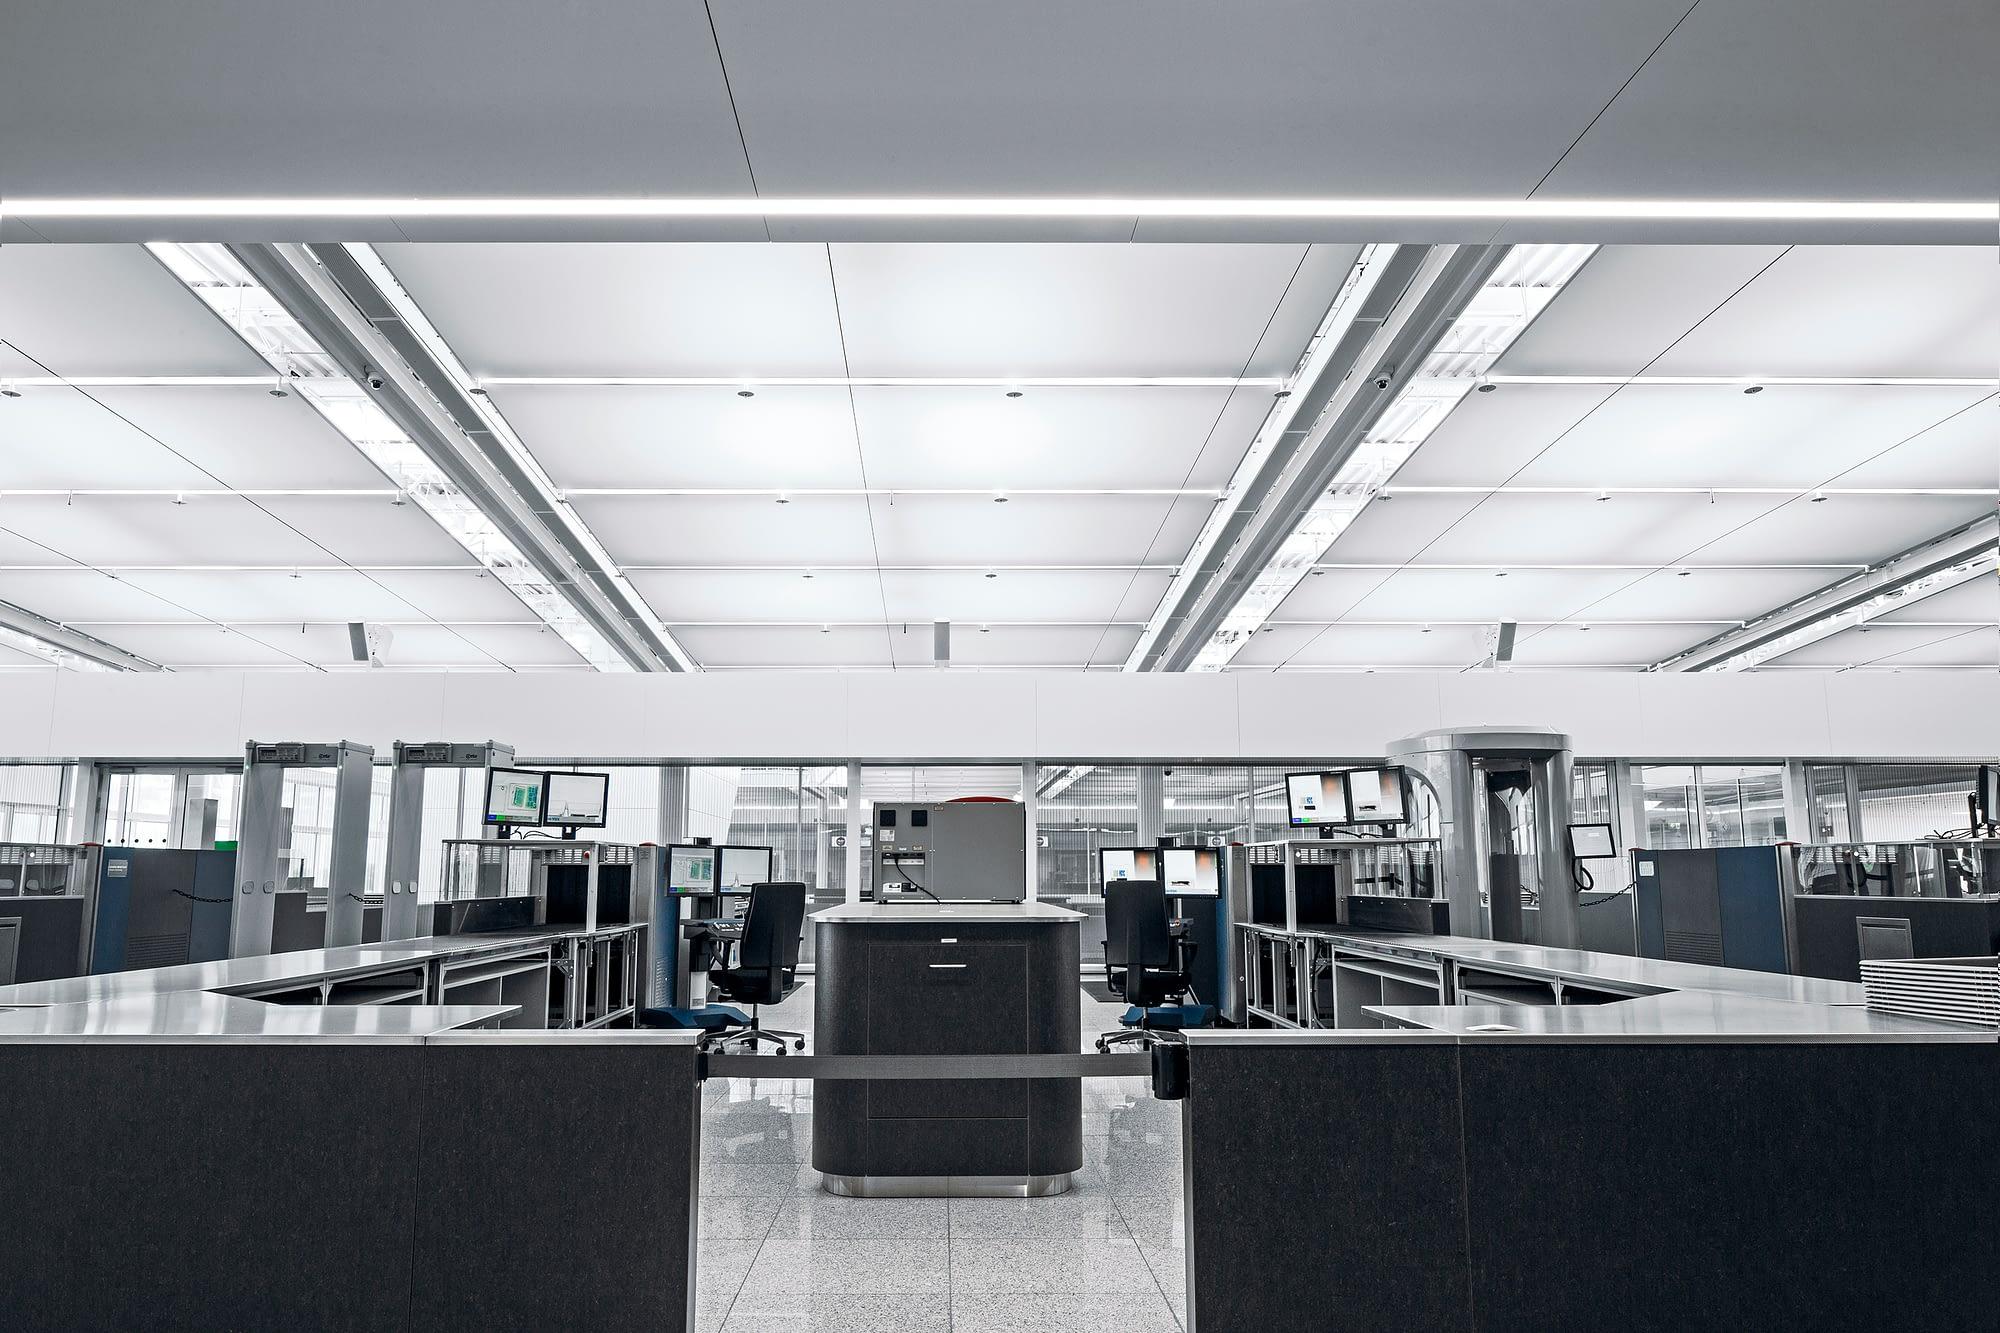 Architekturfotos, Fotograf, Airport-Muenchen-07